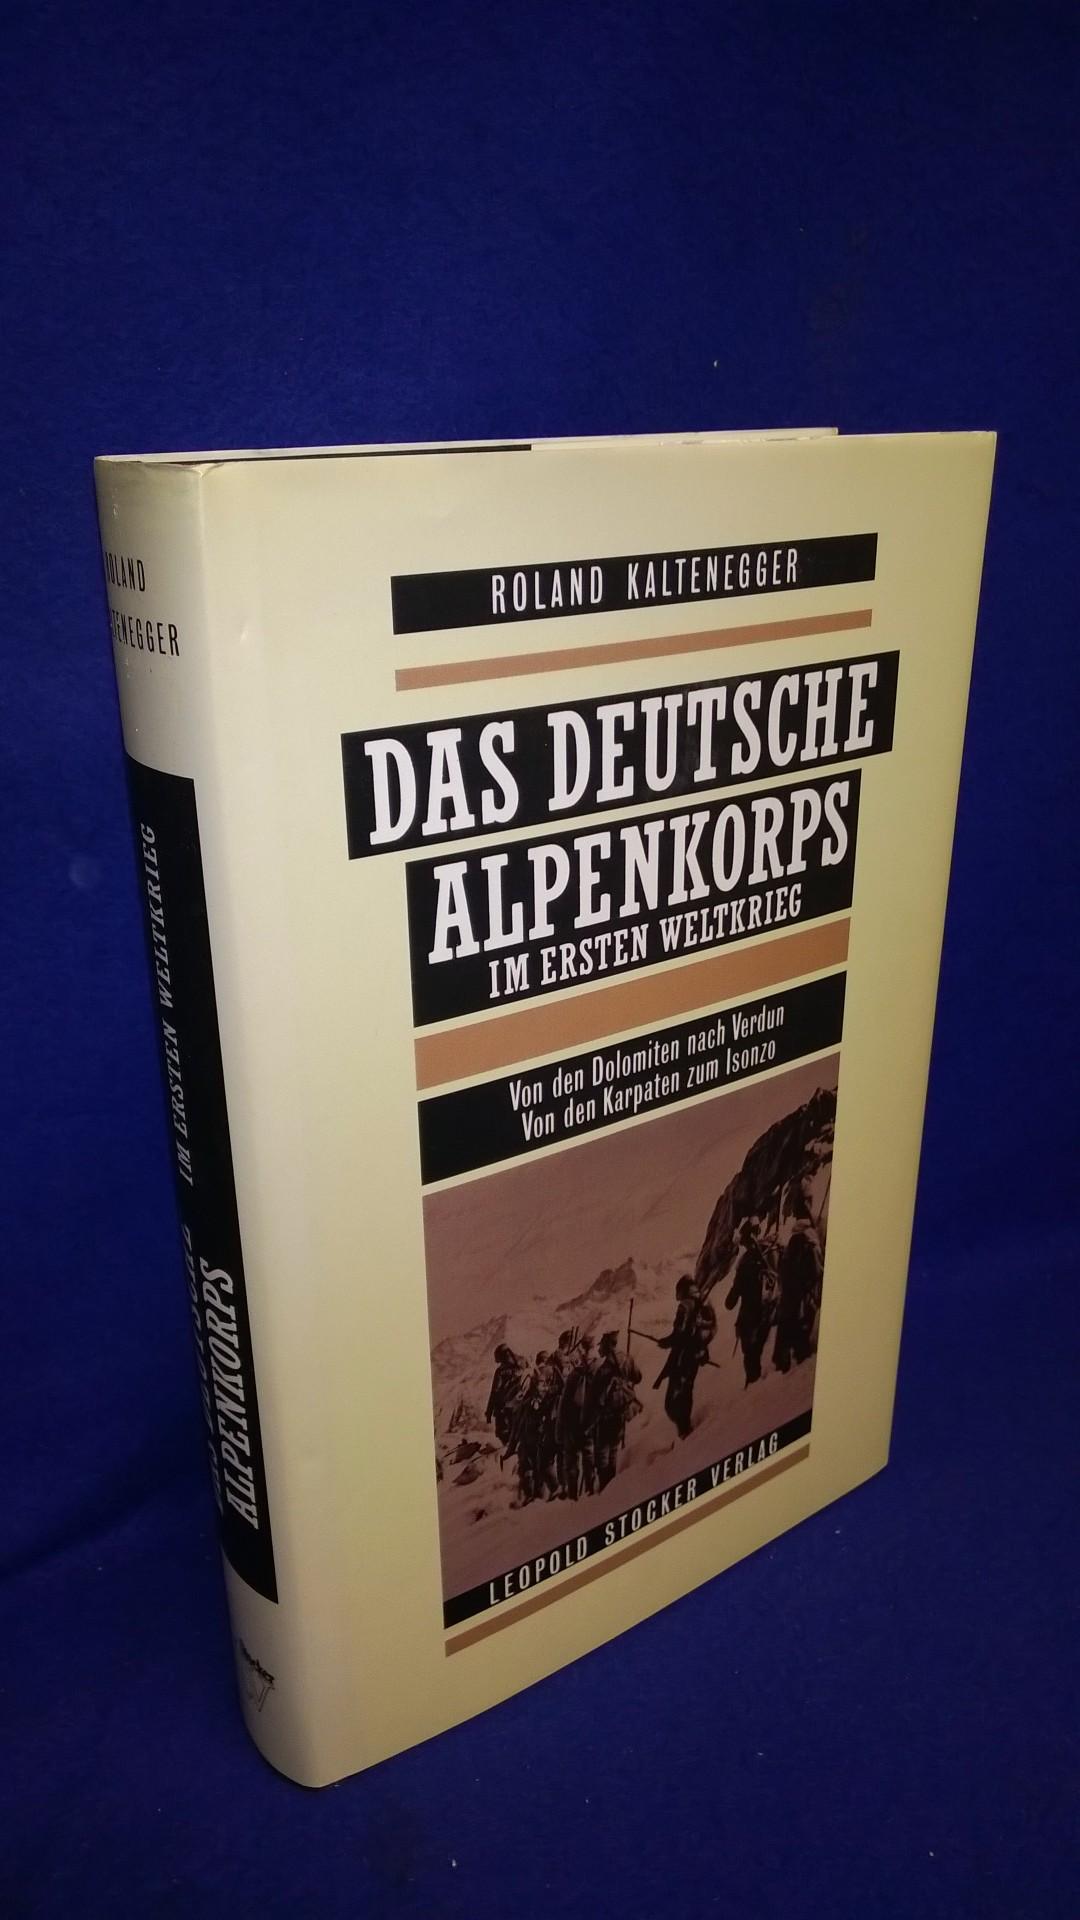 Das deutsche Alpenkorps im Ersten Weltkrieg. Von den Dolomiten nach Verdun, von den Karpaten zum Isonzo.